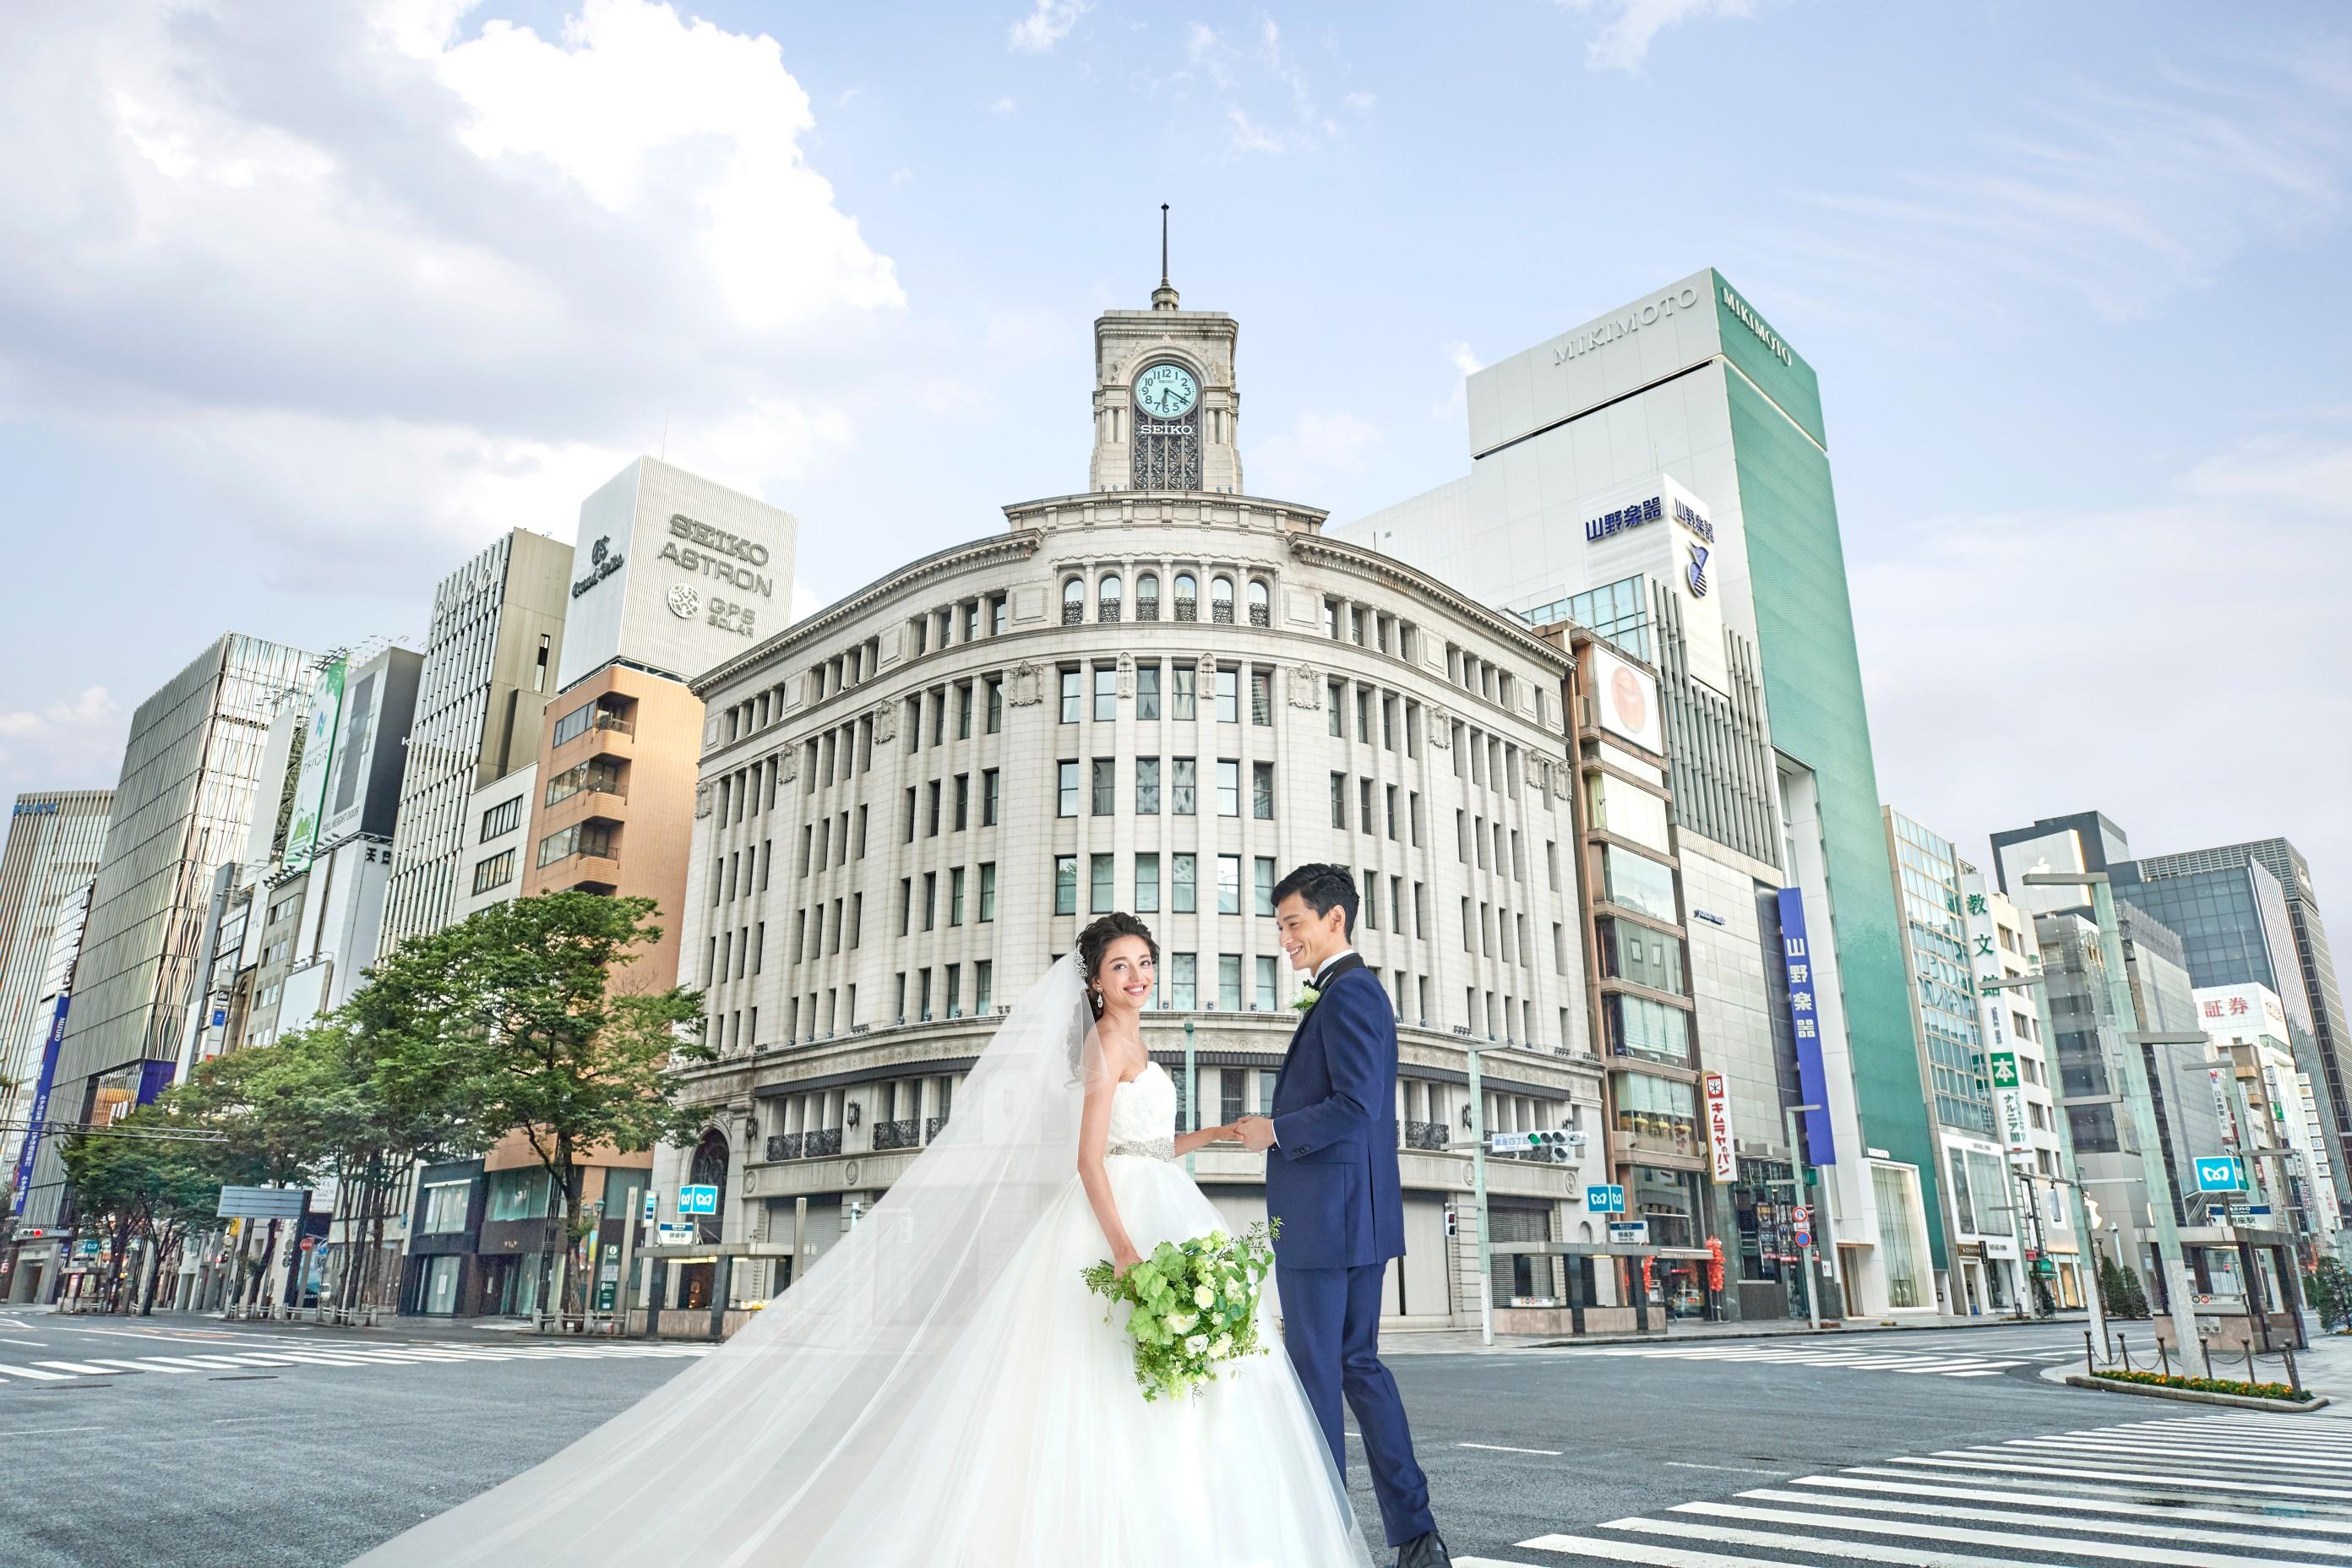 2021年GW限定プラン☆<br> 記念すべきご結婚式を会場費10万円と総額から20万円プレゼントがついたお得なプランで賢く叶えます♪<br> <br> 日程限定の為、空き状況は限られていますが、まずは是非お問い合わせを!